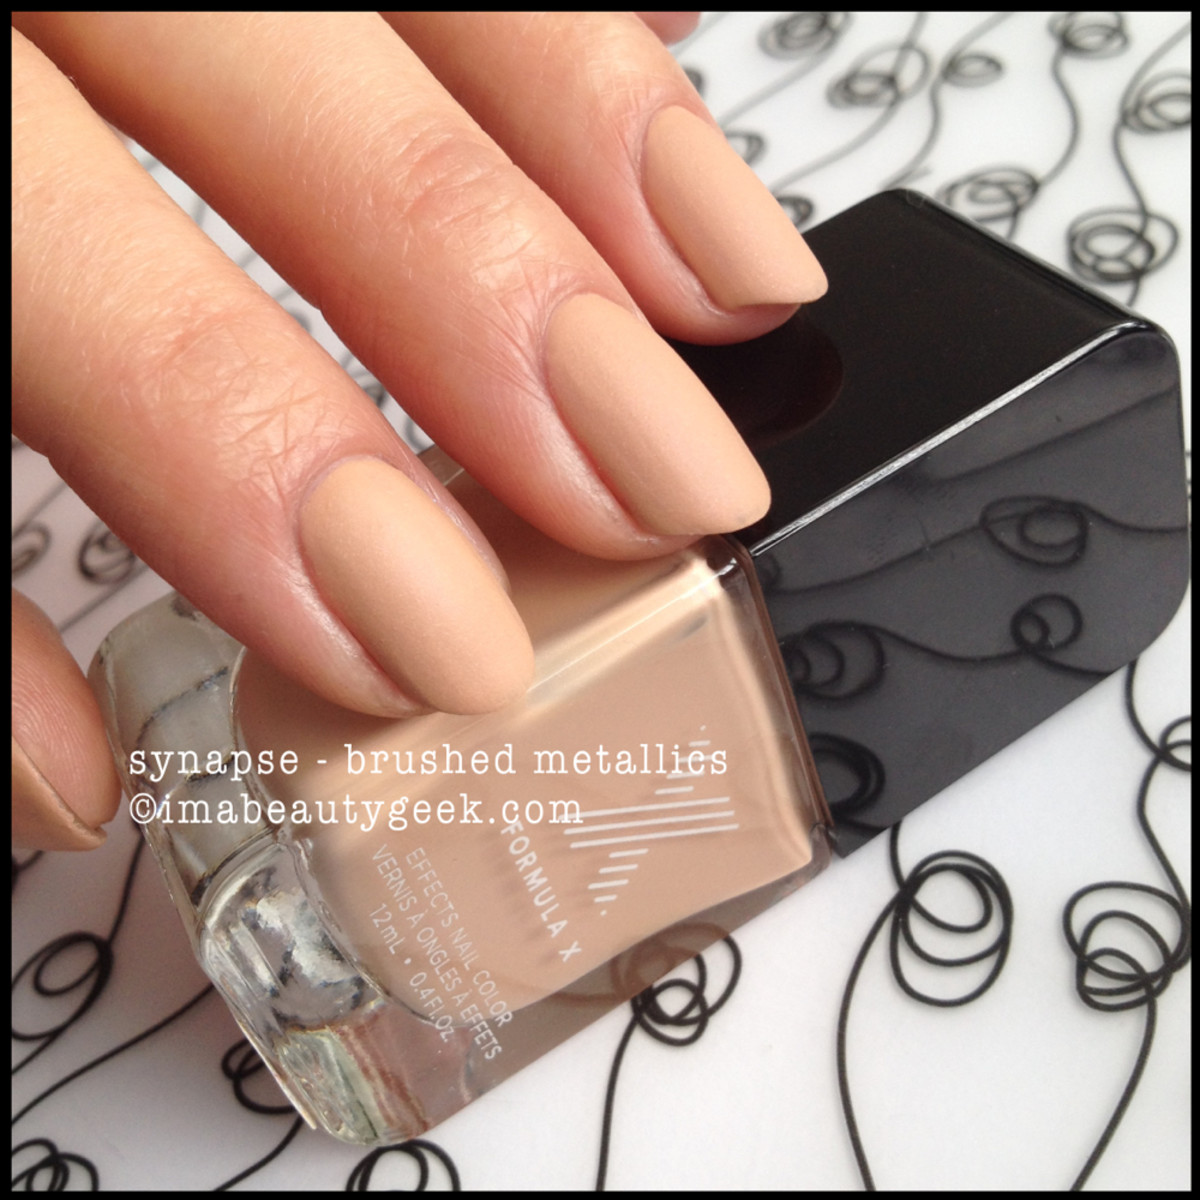 Formula X Synapse Brushed Metallics Sephora 2014